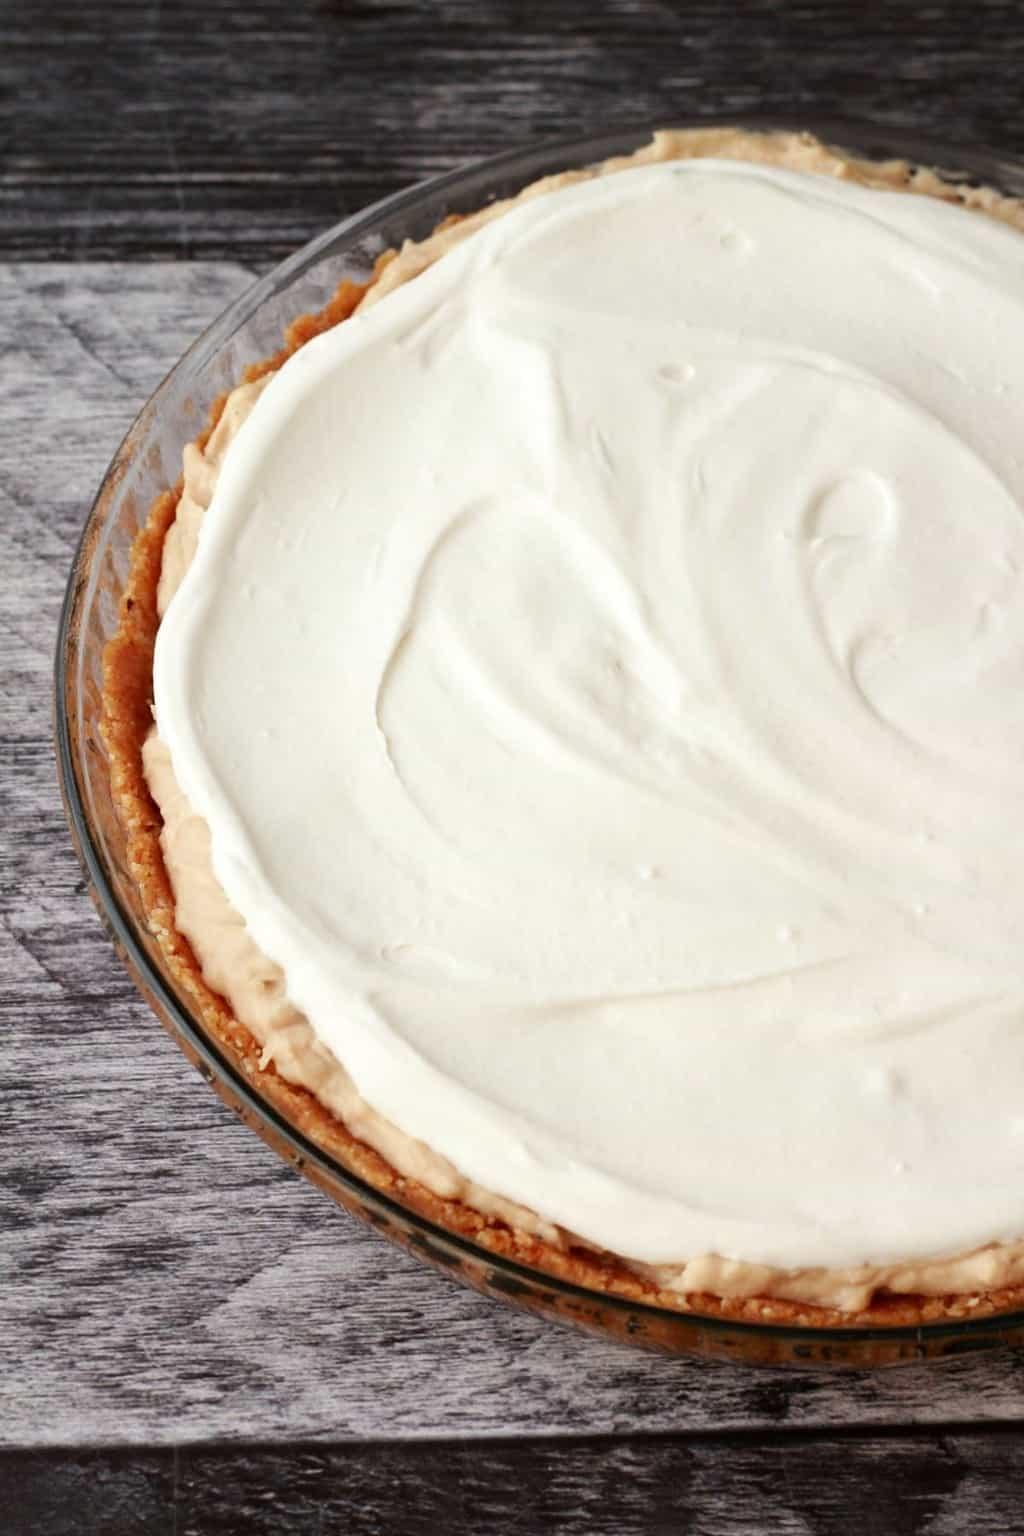 Making a Vegan Coconut Cream Pie. Gluten-Free. #vegan #lovingitvegan #dessert #pie